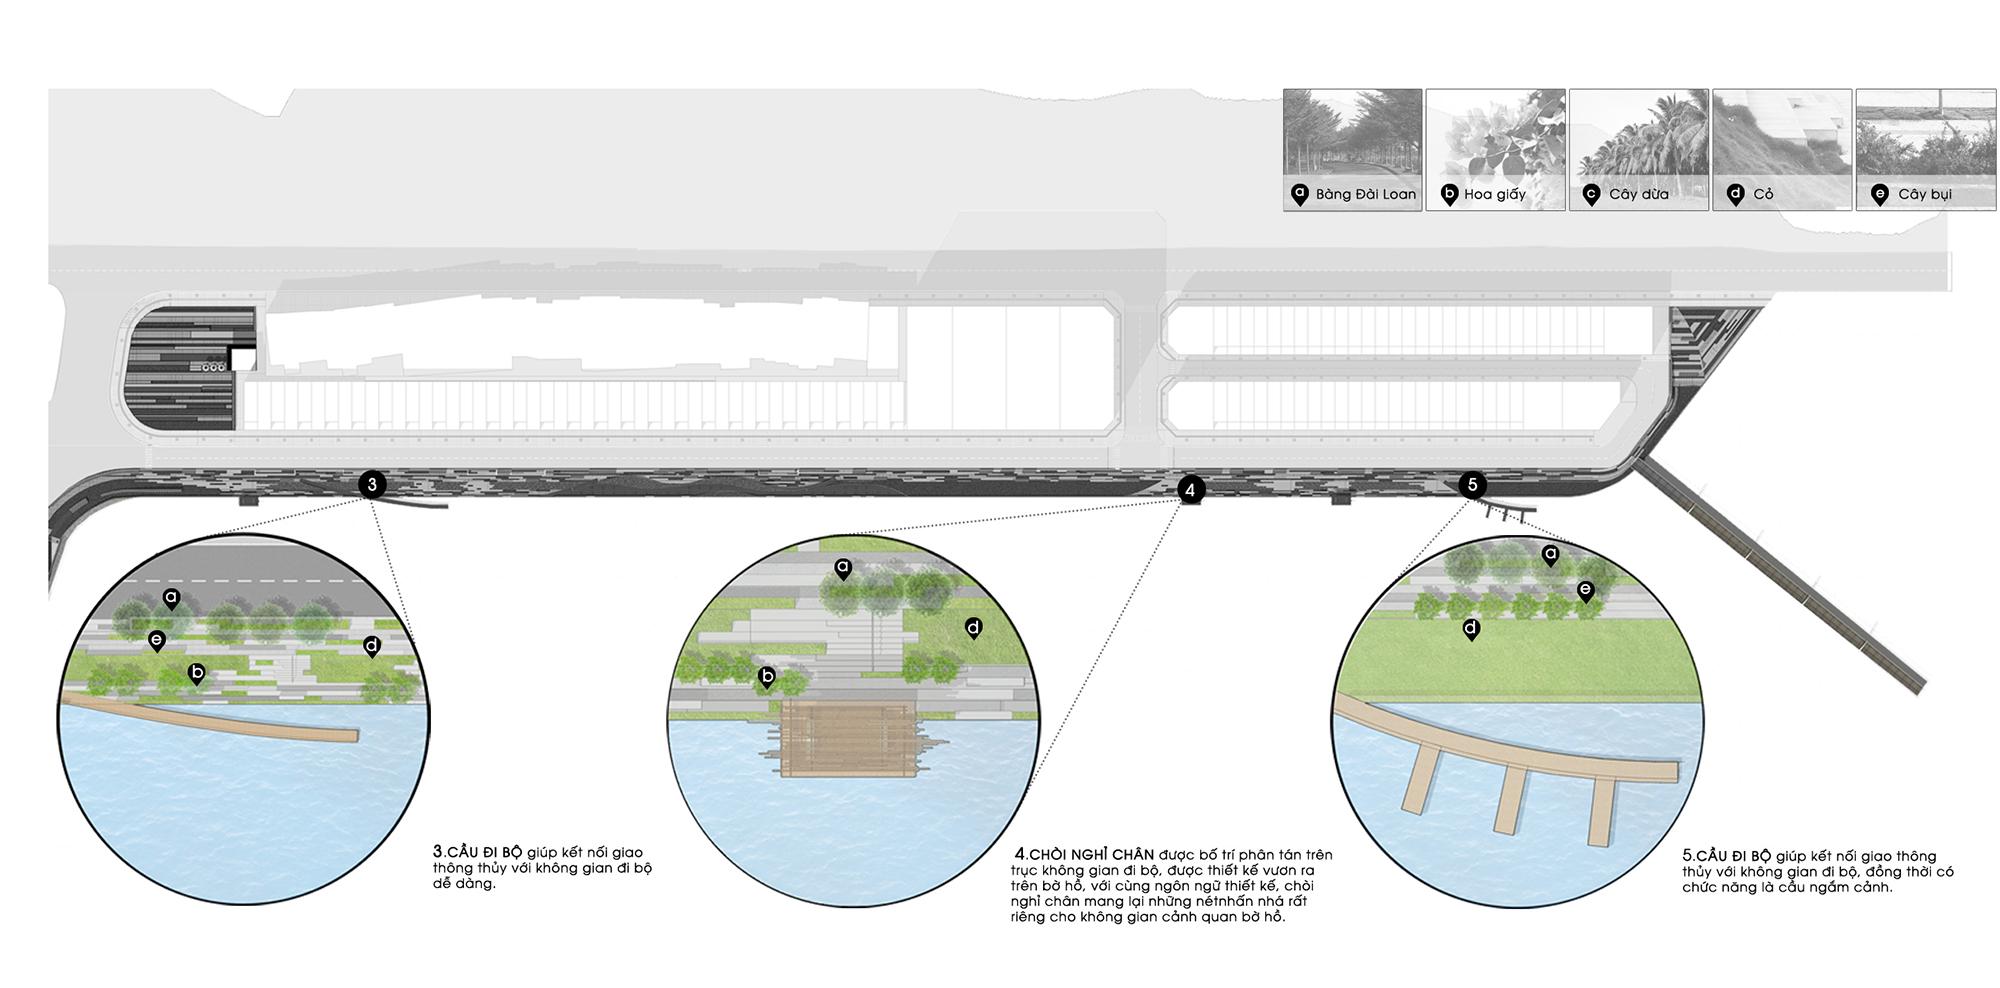 Cải tạo hồ sinh thái Đống Đa / MIA Design Studio 6